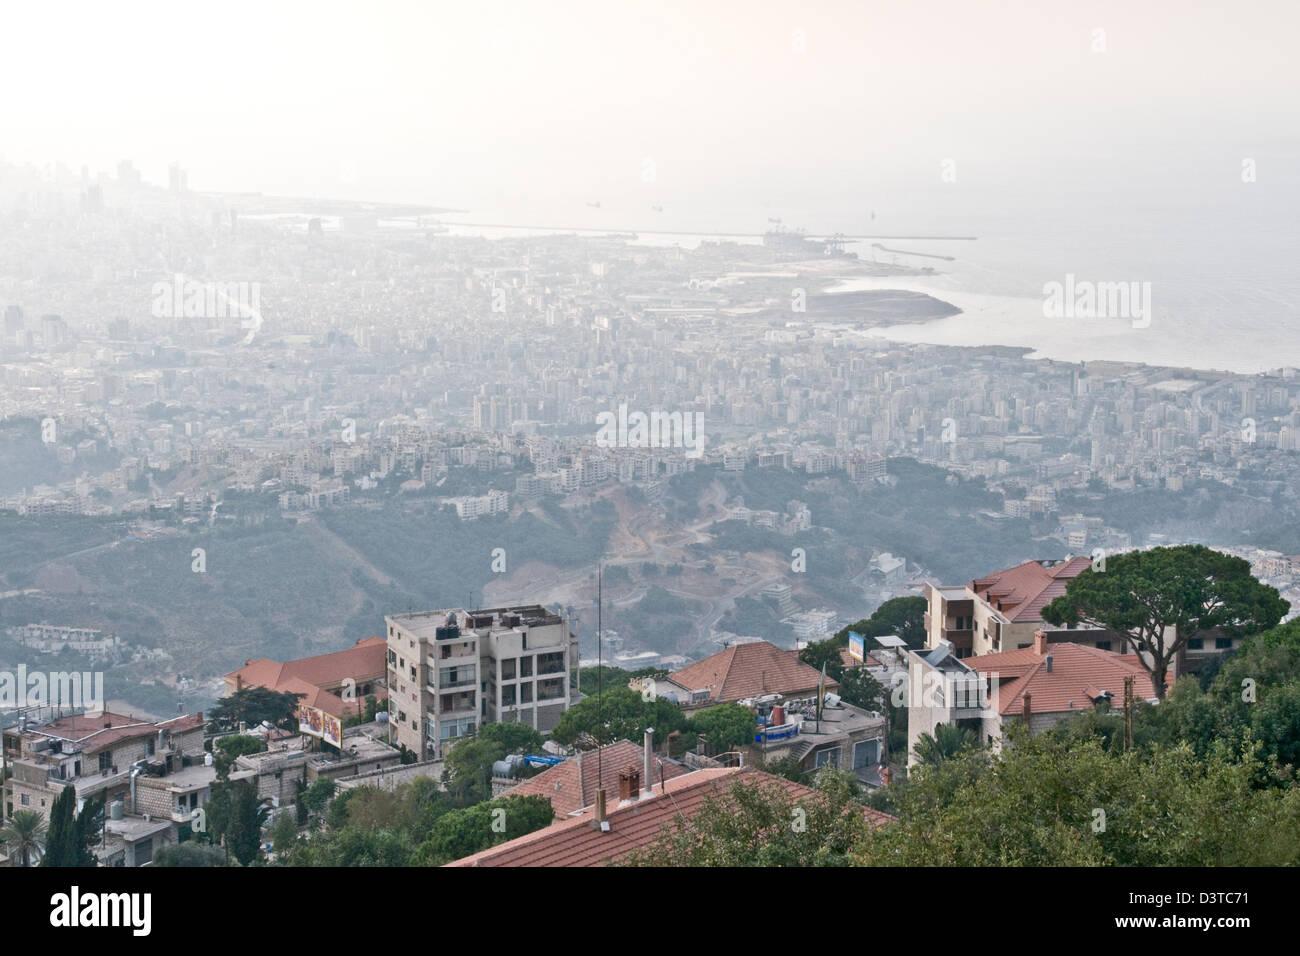 Une vue de la ville libanaise de Beyrouth et du district de port vu de la ville de Beit Meri dans les montagnes Photo Stock